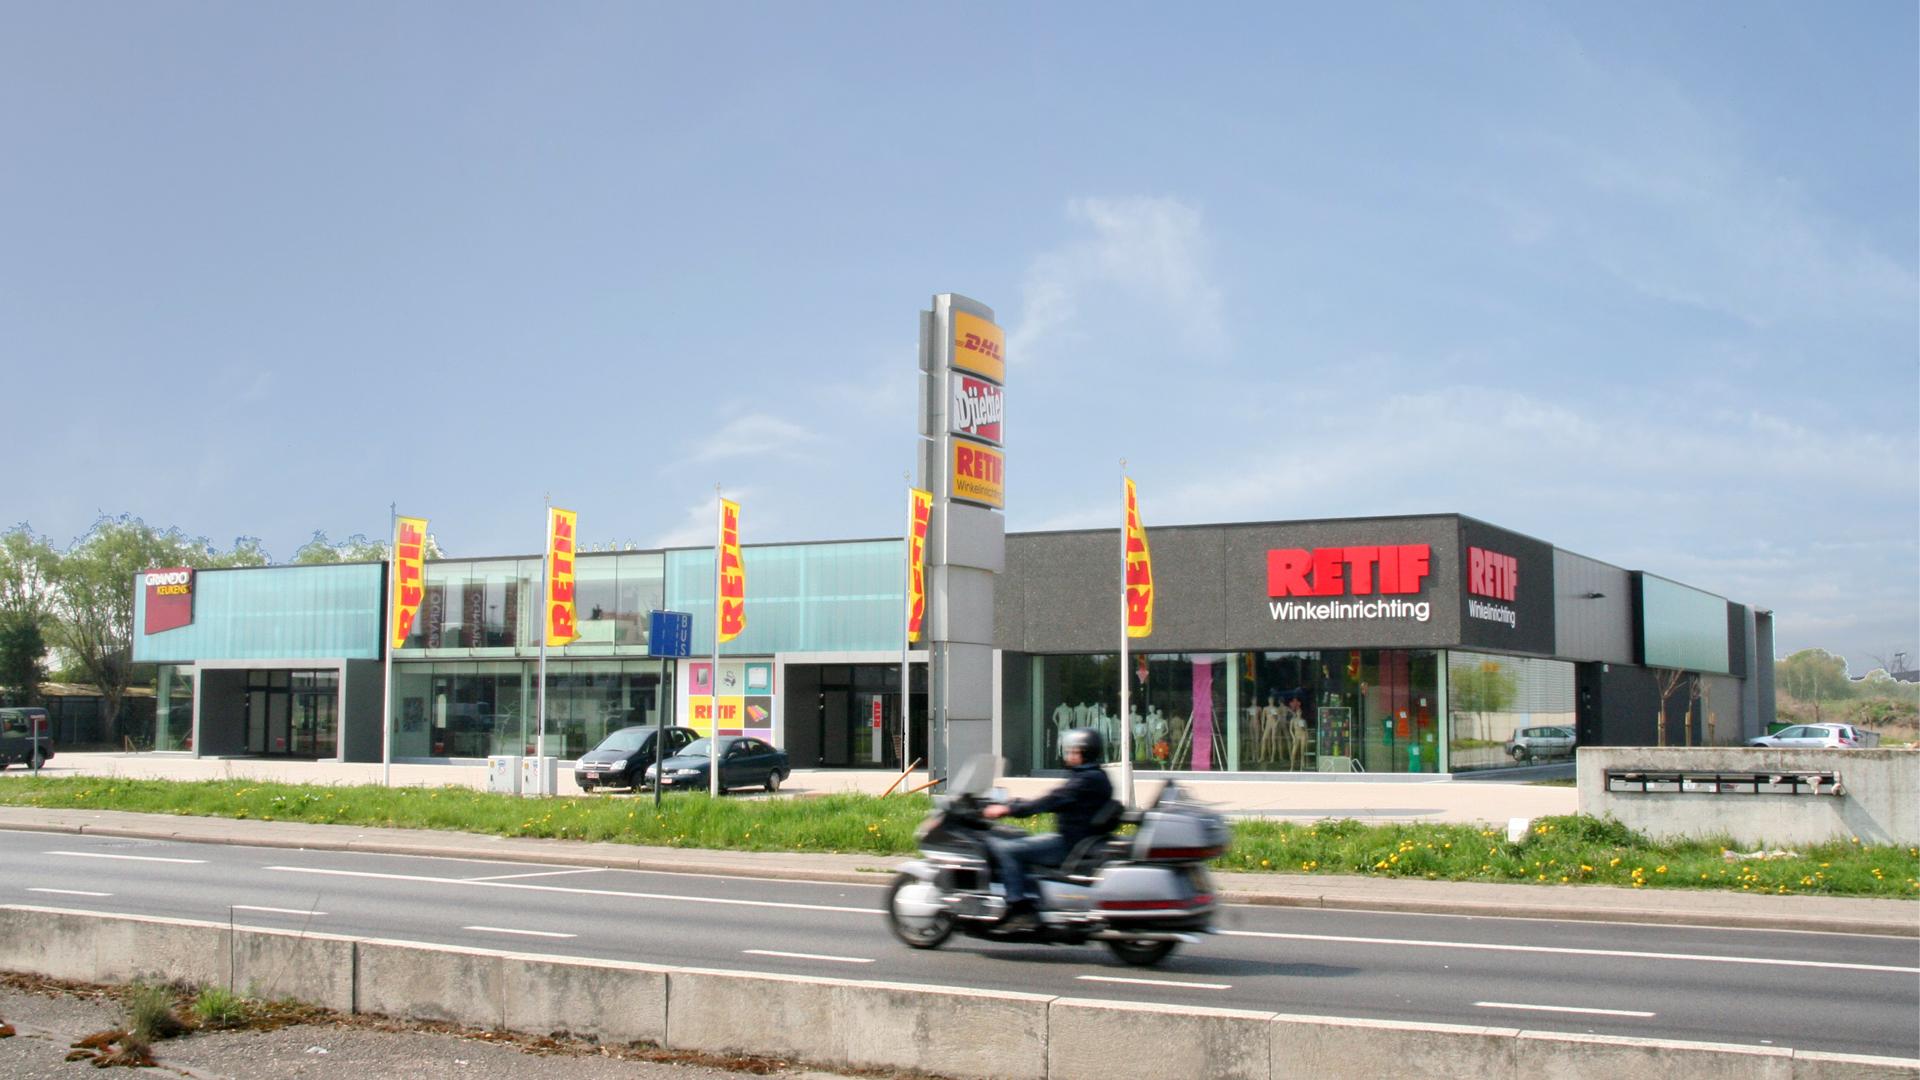 Vlucimmo, retail stores, Aartselaar, Belgium